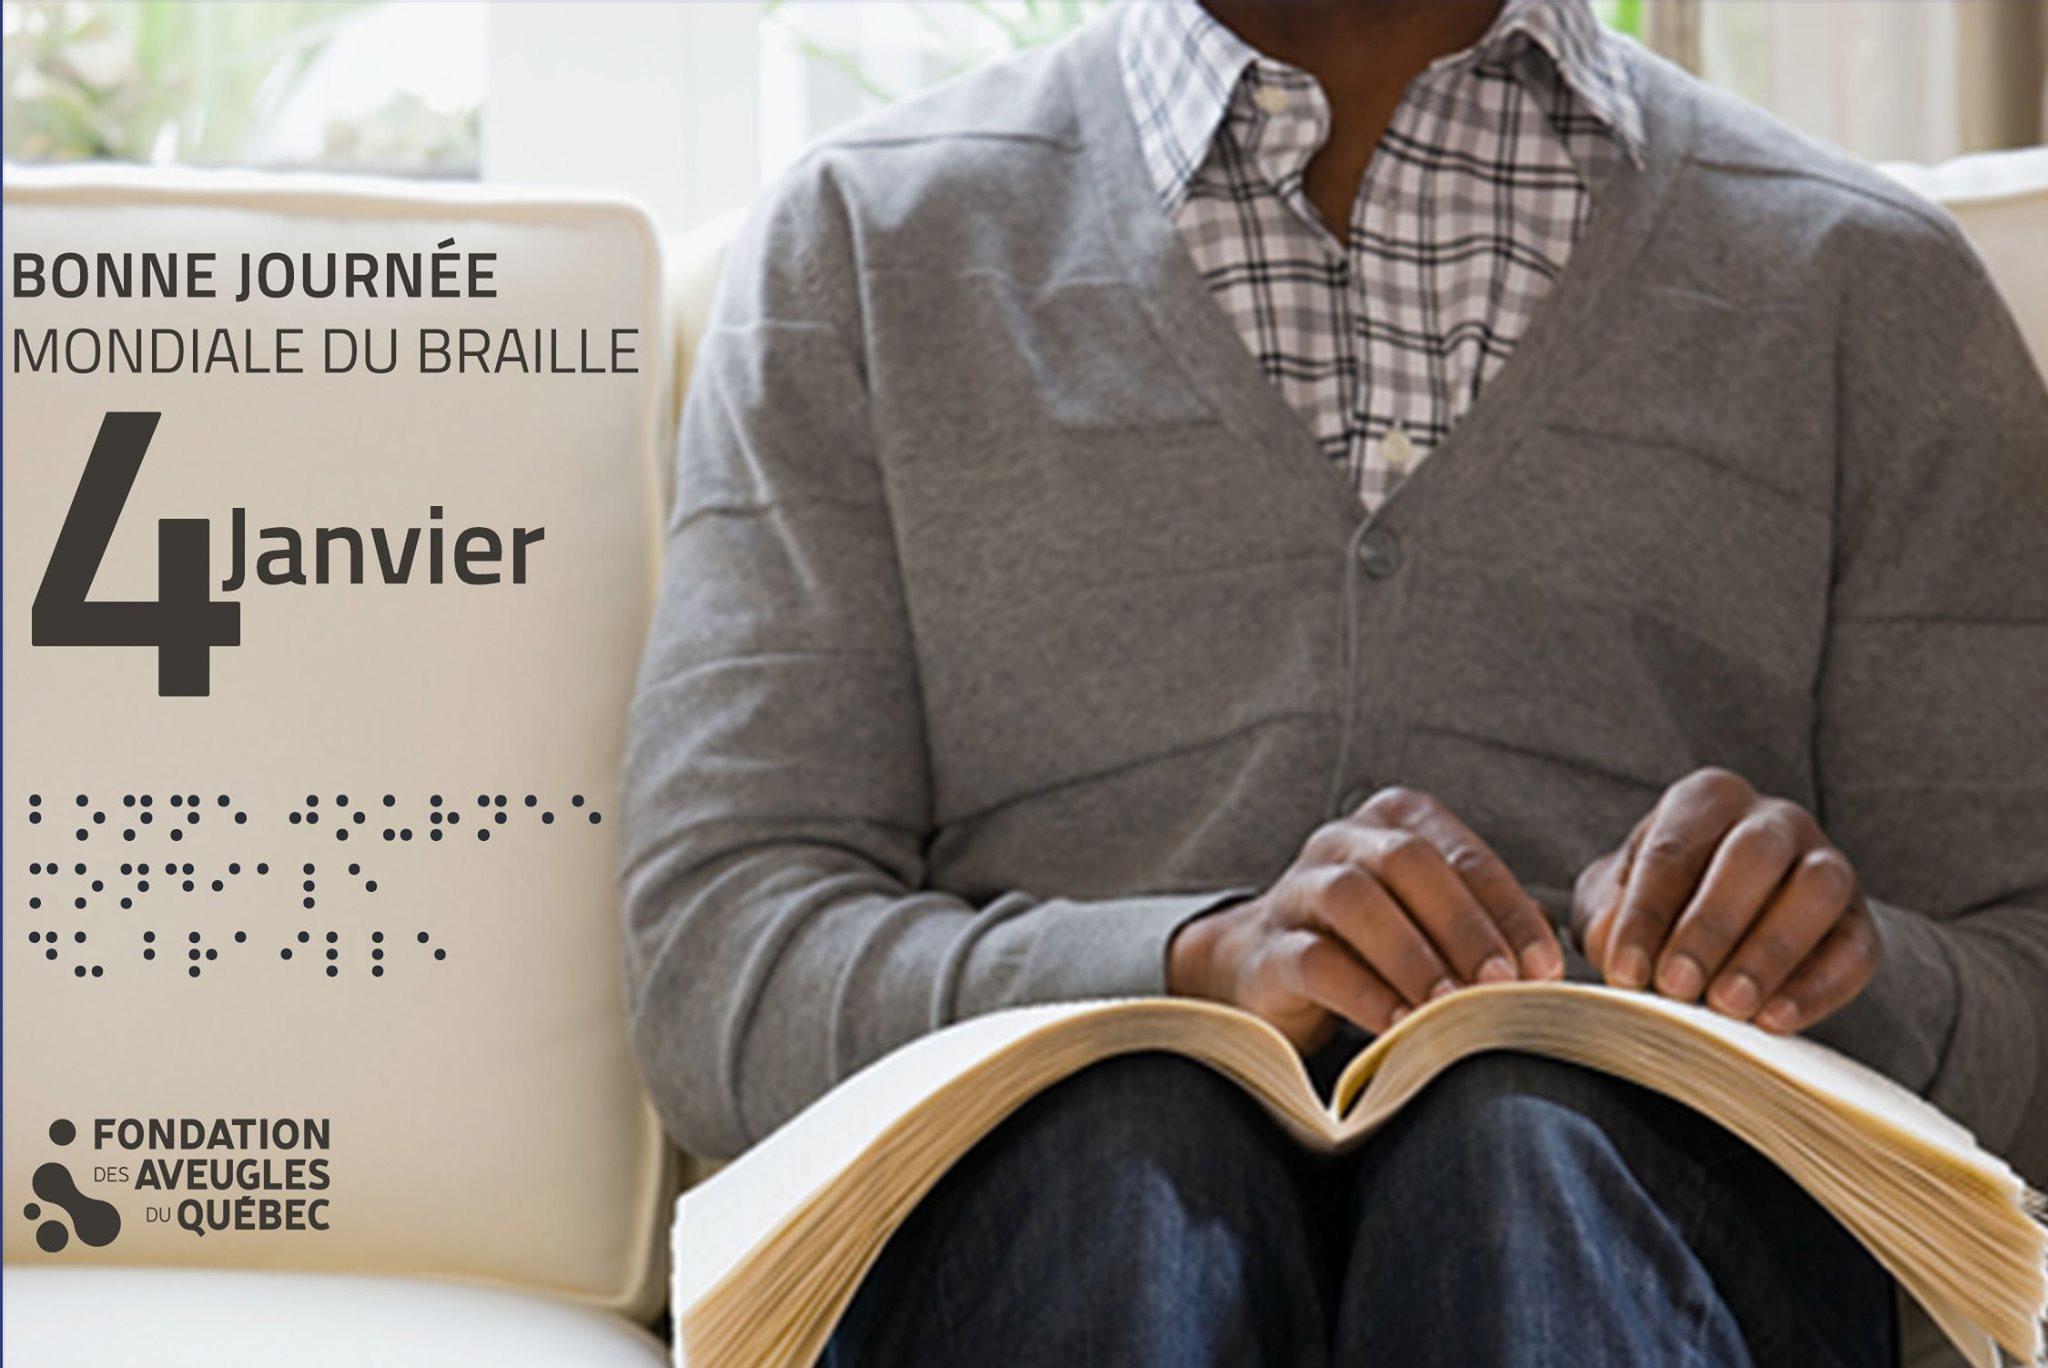 Une personne assise sur un divan fait la lecture de son livre en braille. Le texte « Bonne Journée mondiale du braille 4 janvier » ainsi que le logo de la Fondation des Aveugles du Québec sont alignés à gauche.